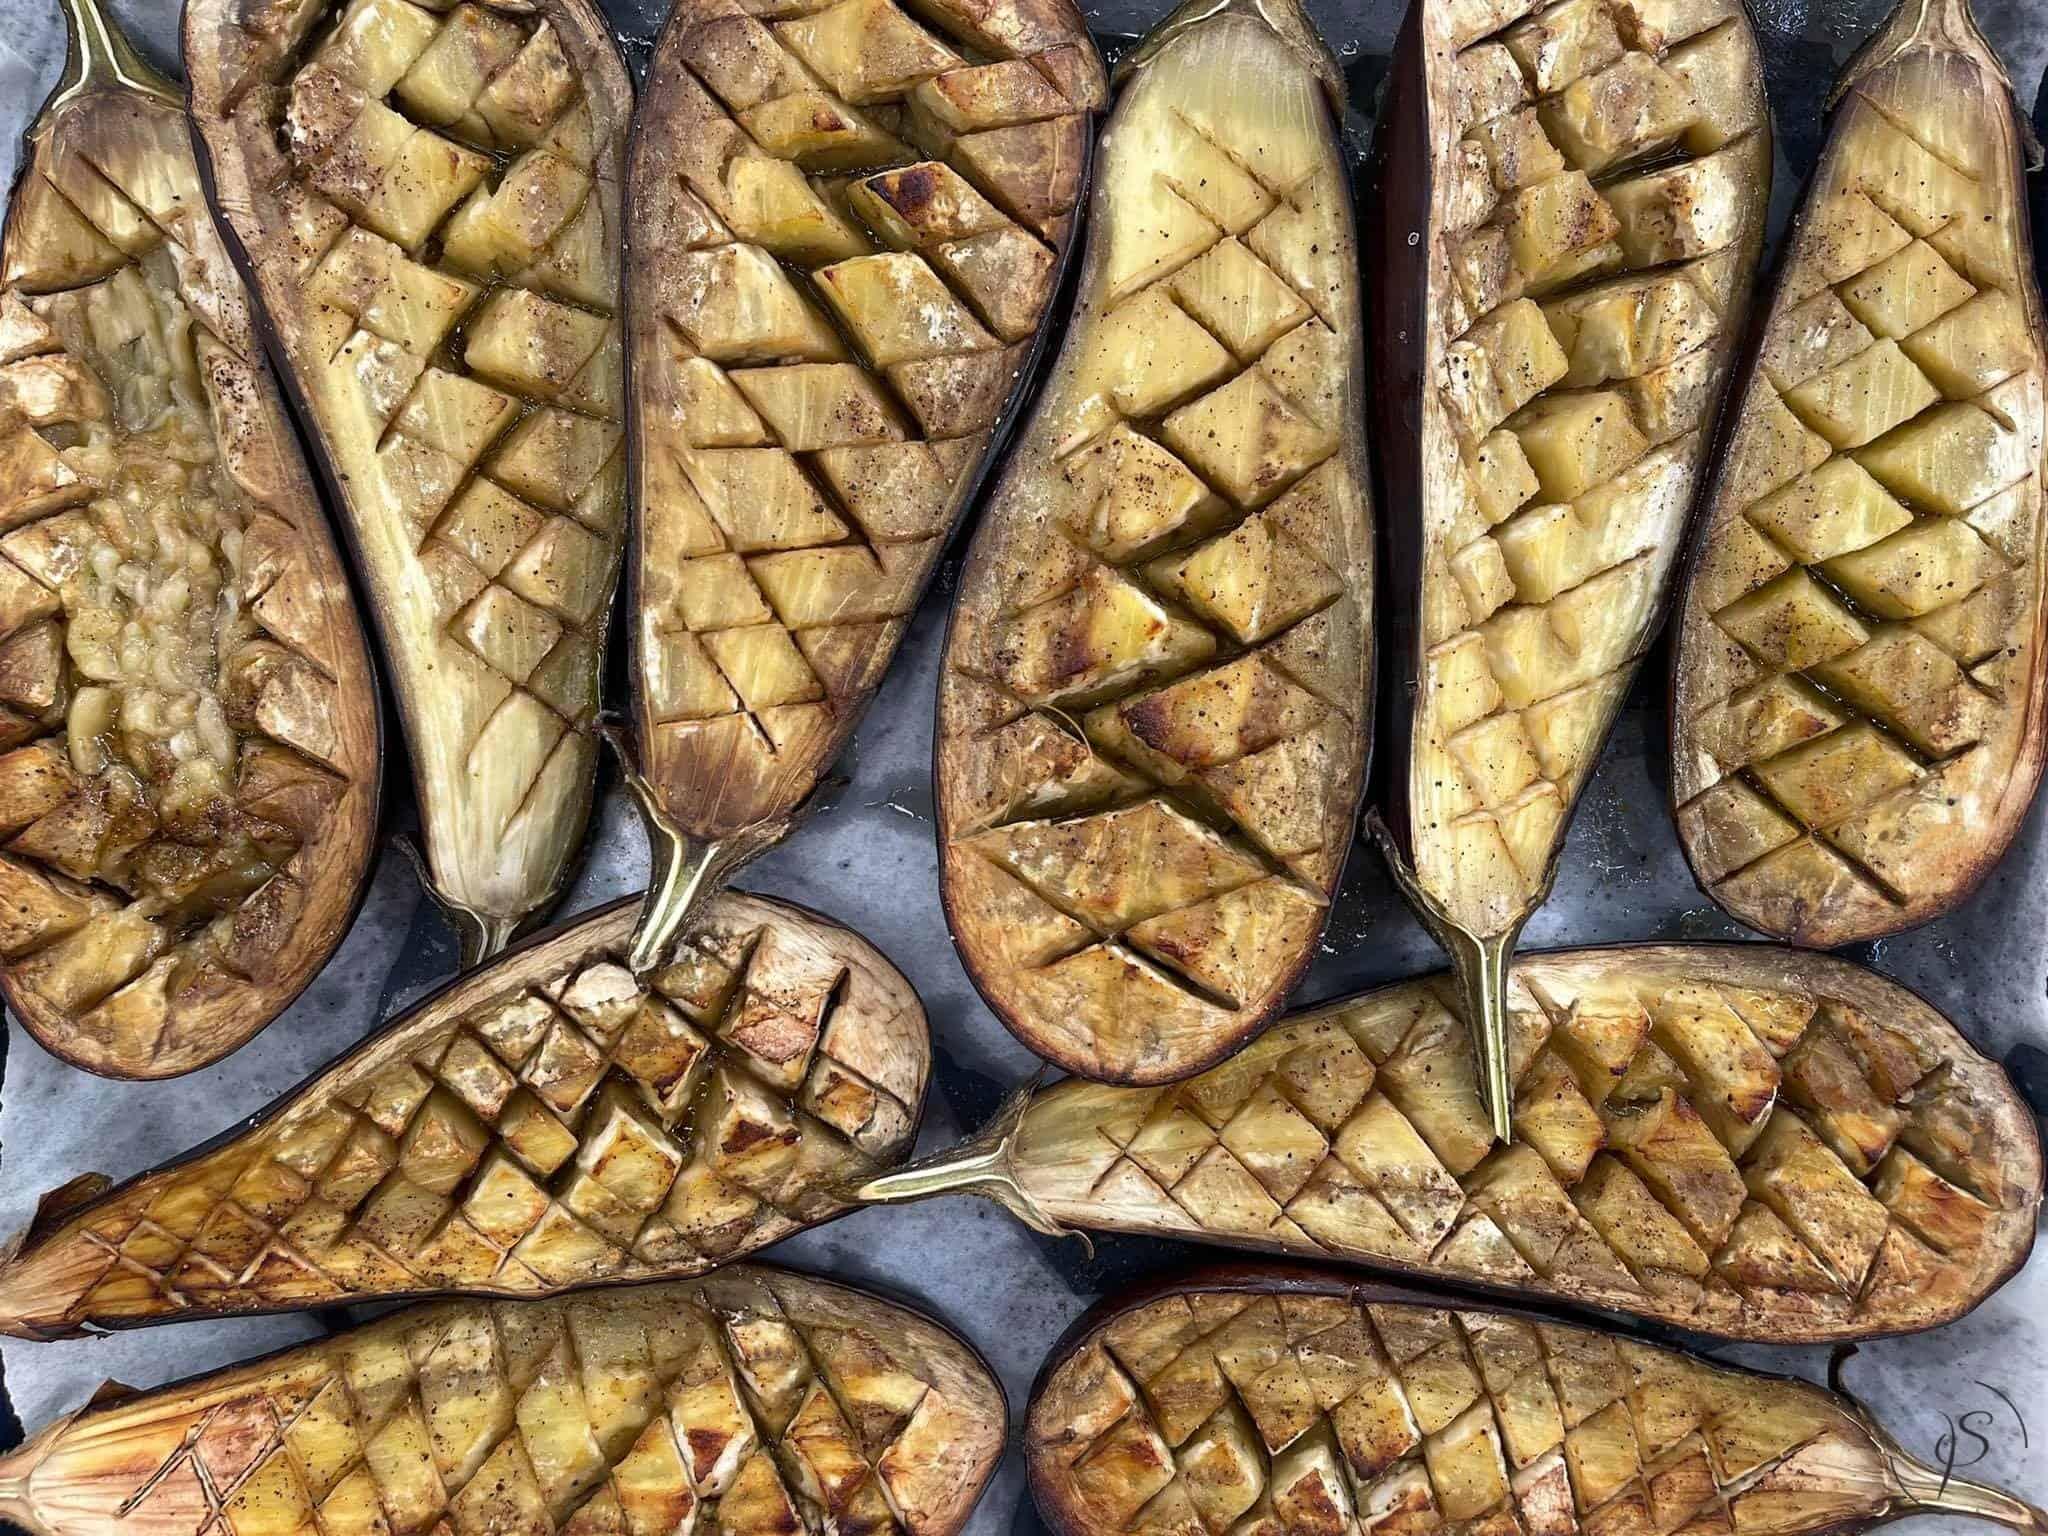 μελιτζάνες τηγανητές - Ιμάμ μπαϊλντί